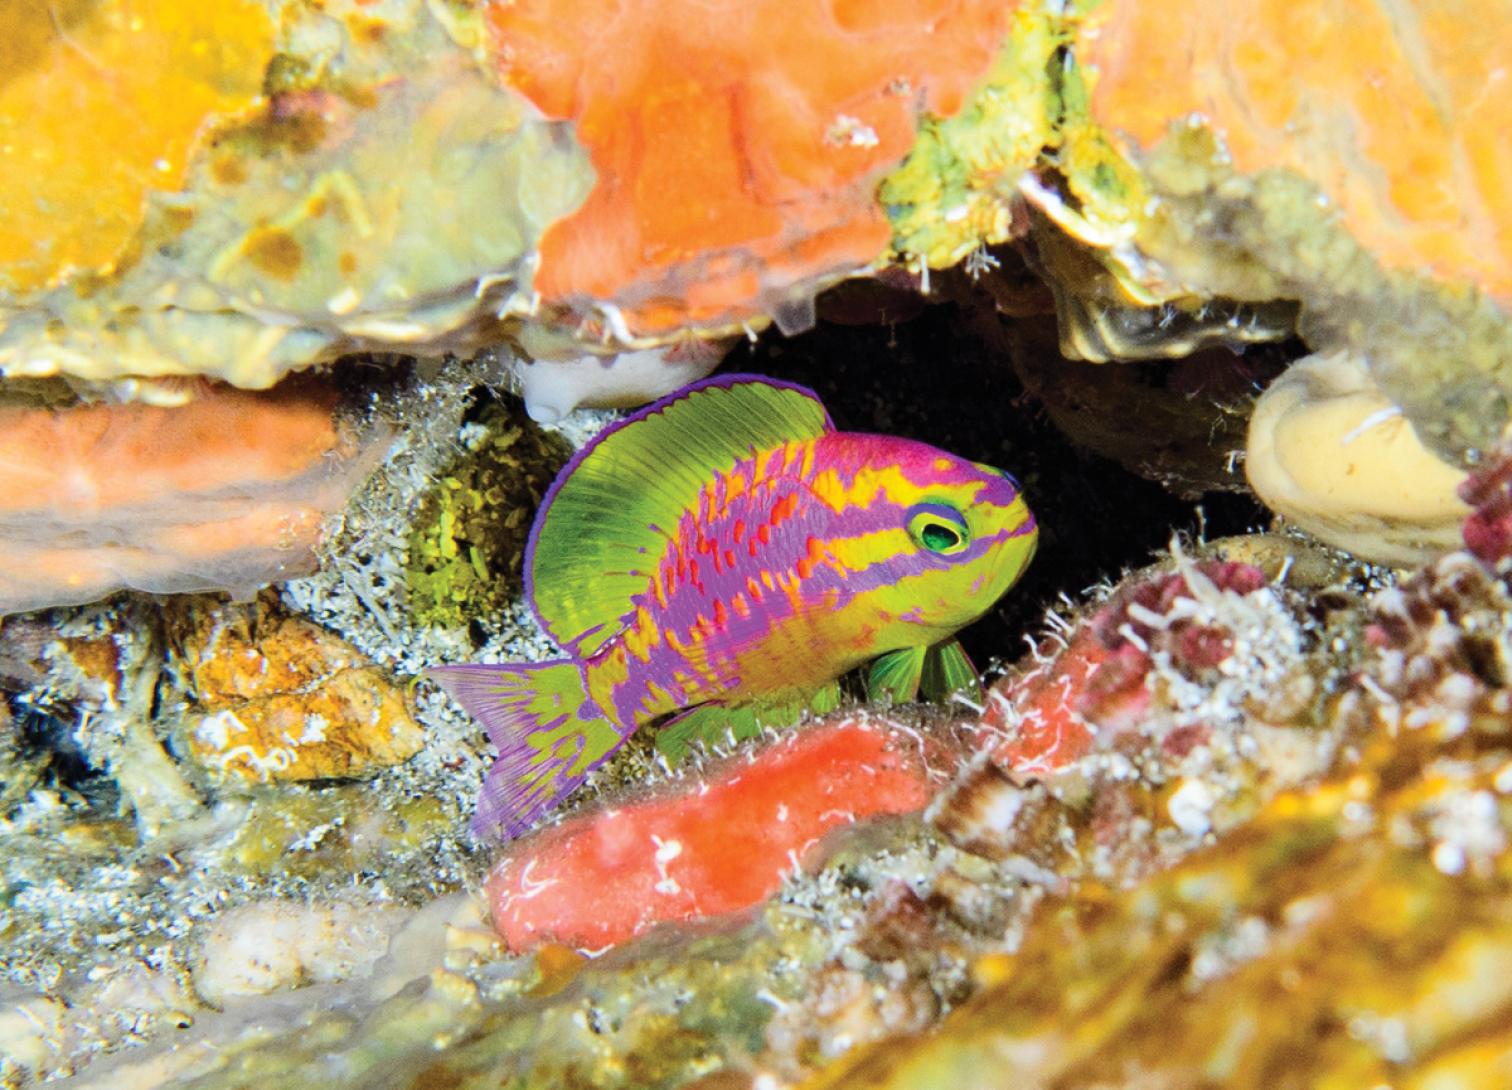 Tosanoides aphrodite una nuova incredibile specie di pesce della famiglia degli Anthias. Qui ripreso in natura